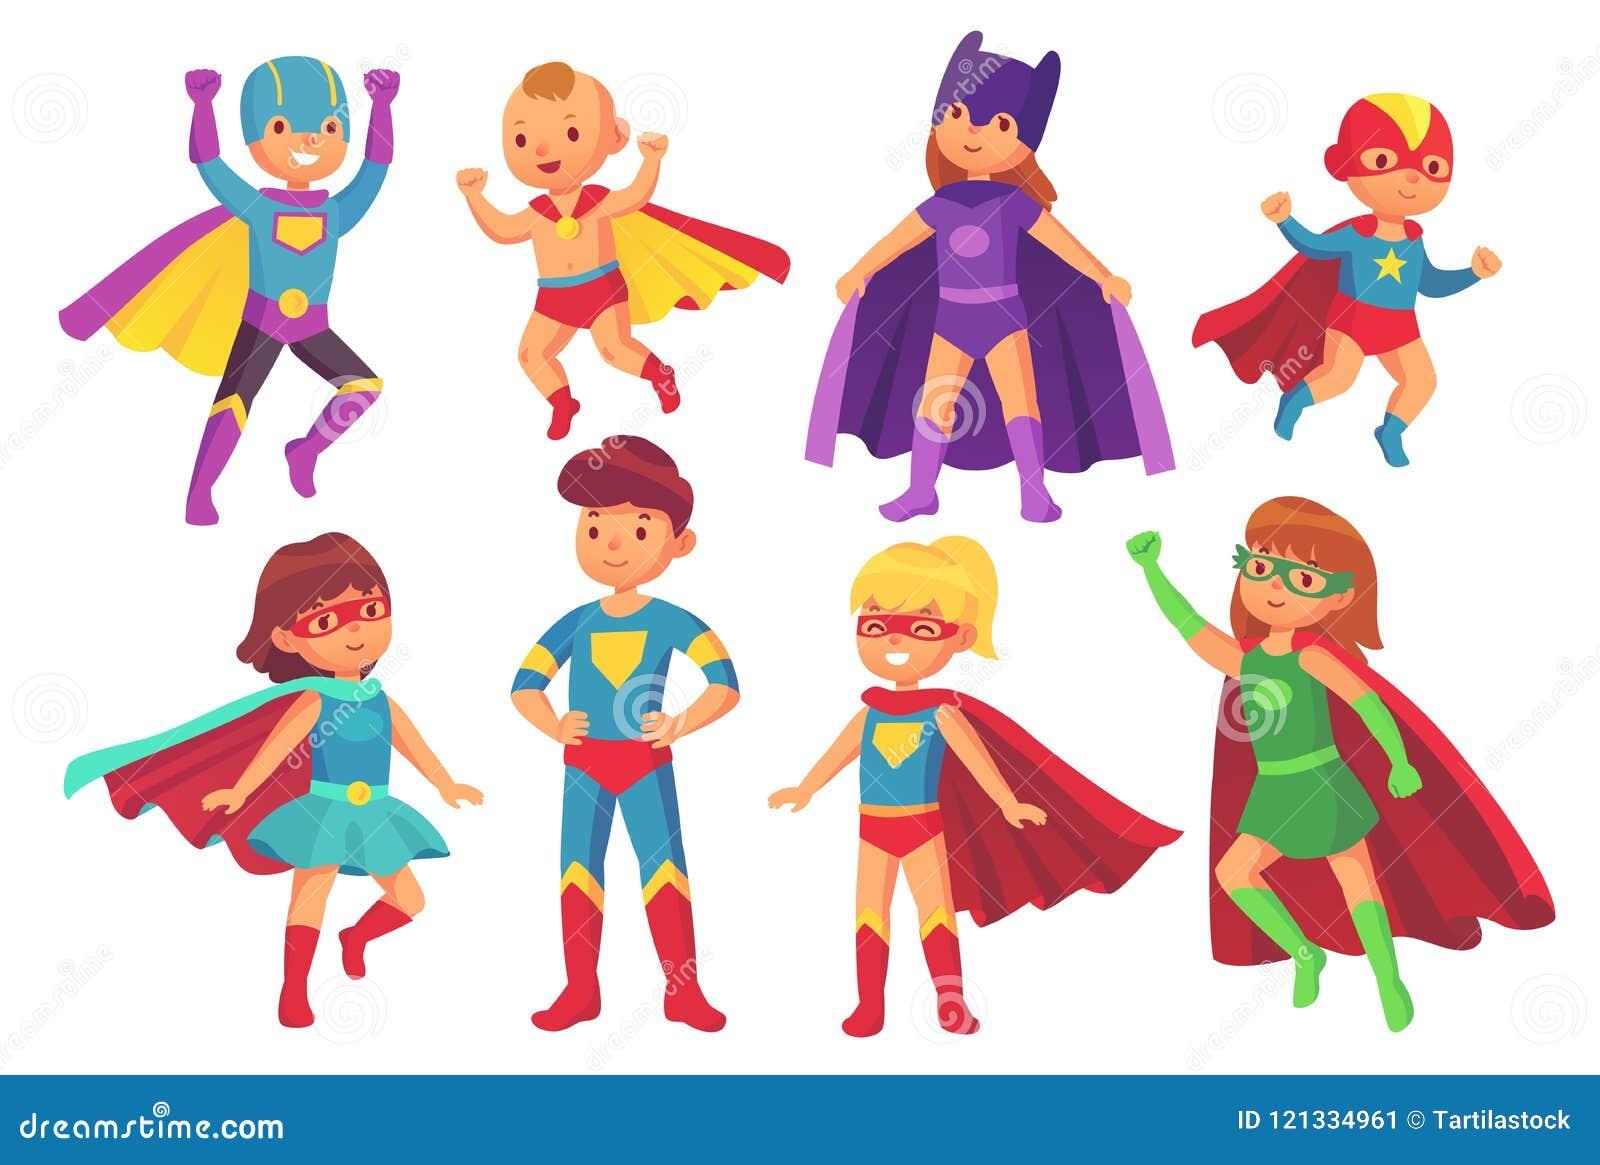 动画片超级英雄哄骗字符 穿有面具和斗篷的快乐的孩子特级英雄服装 儿童超级英雄